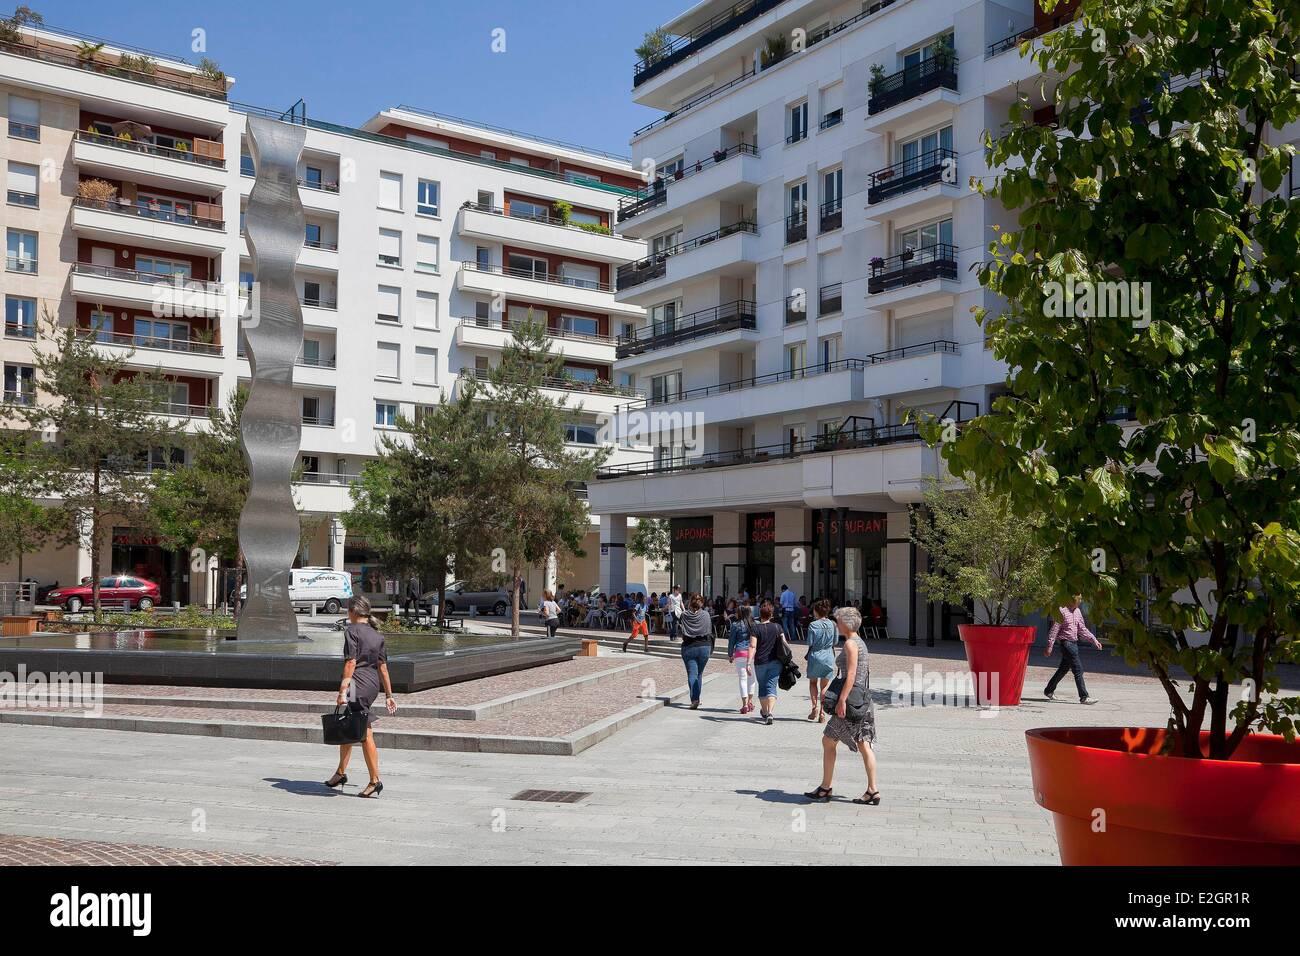 France Hauts de Seine Bois Colombes Place de la Renaissance - Stock Image